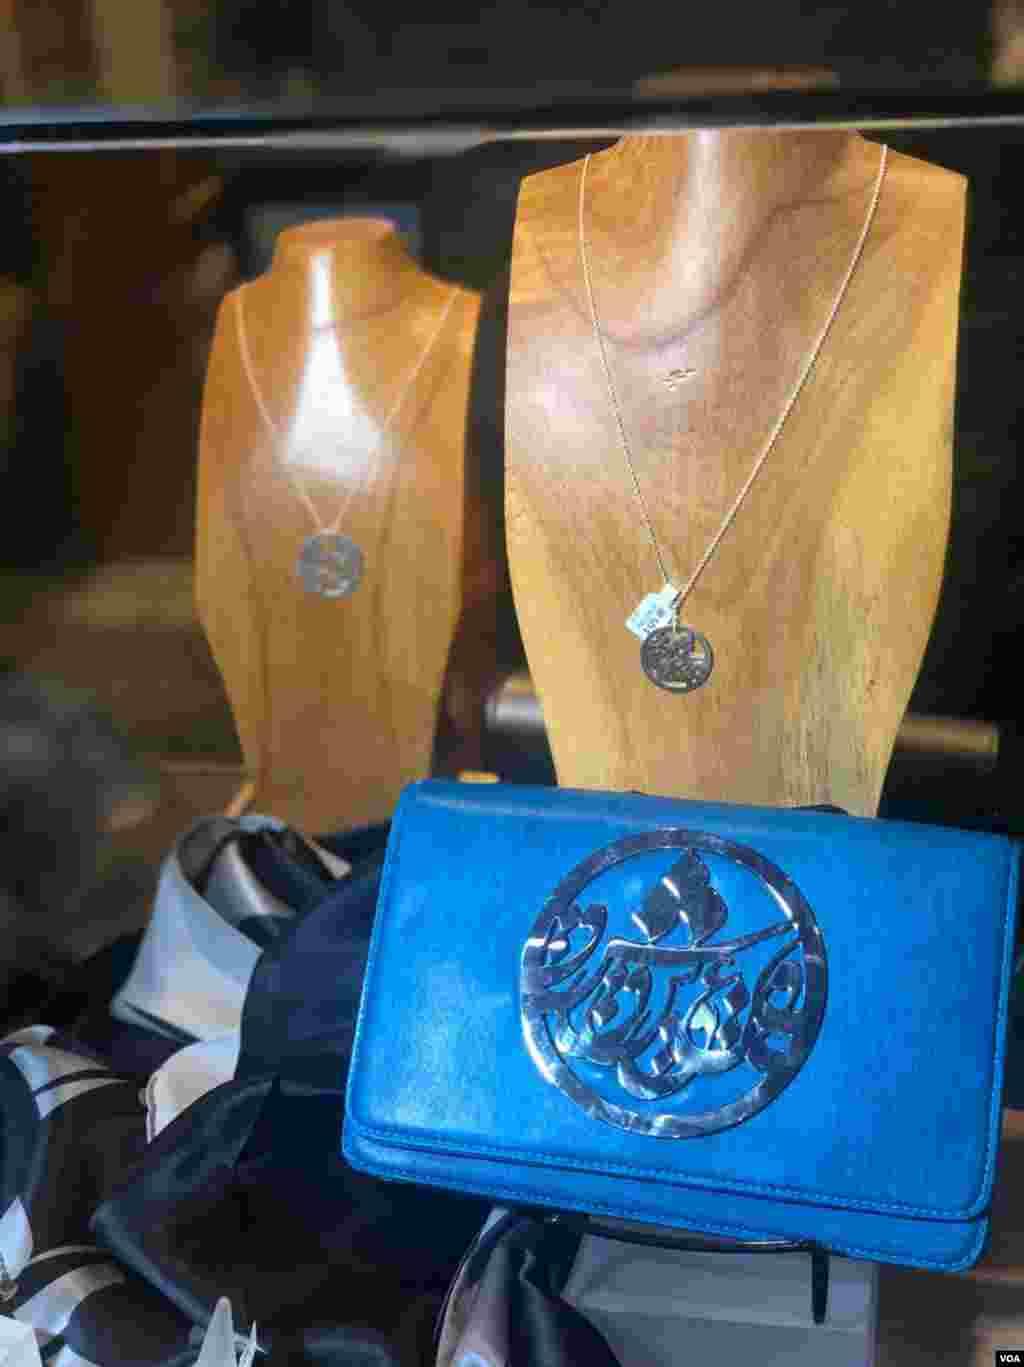 در حاشیه جشن نوروز در گالری «فریر و سکلر» در واشنگتن آثار و جواهرات برخی هنرمندان ایرانی نیز نمایش داده می شد.